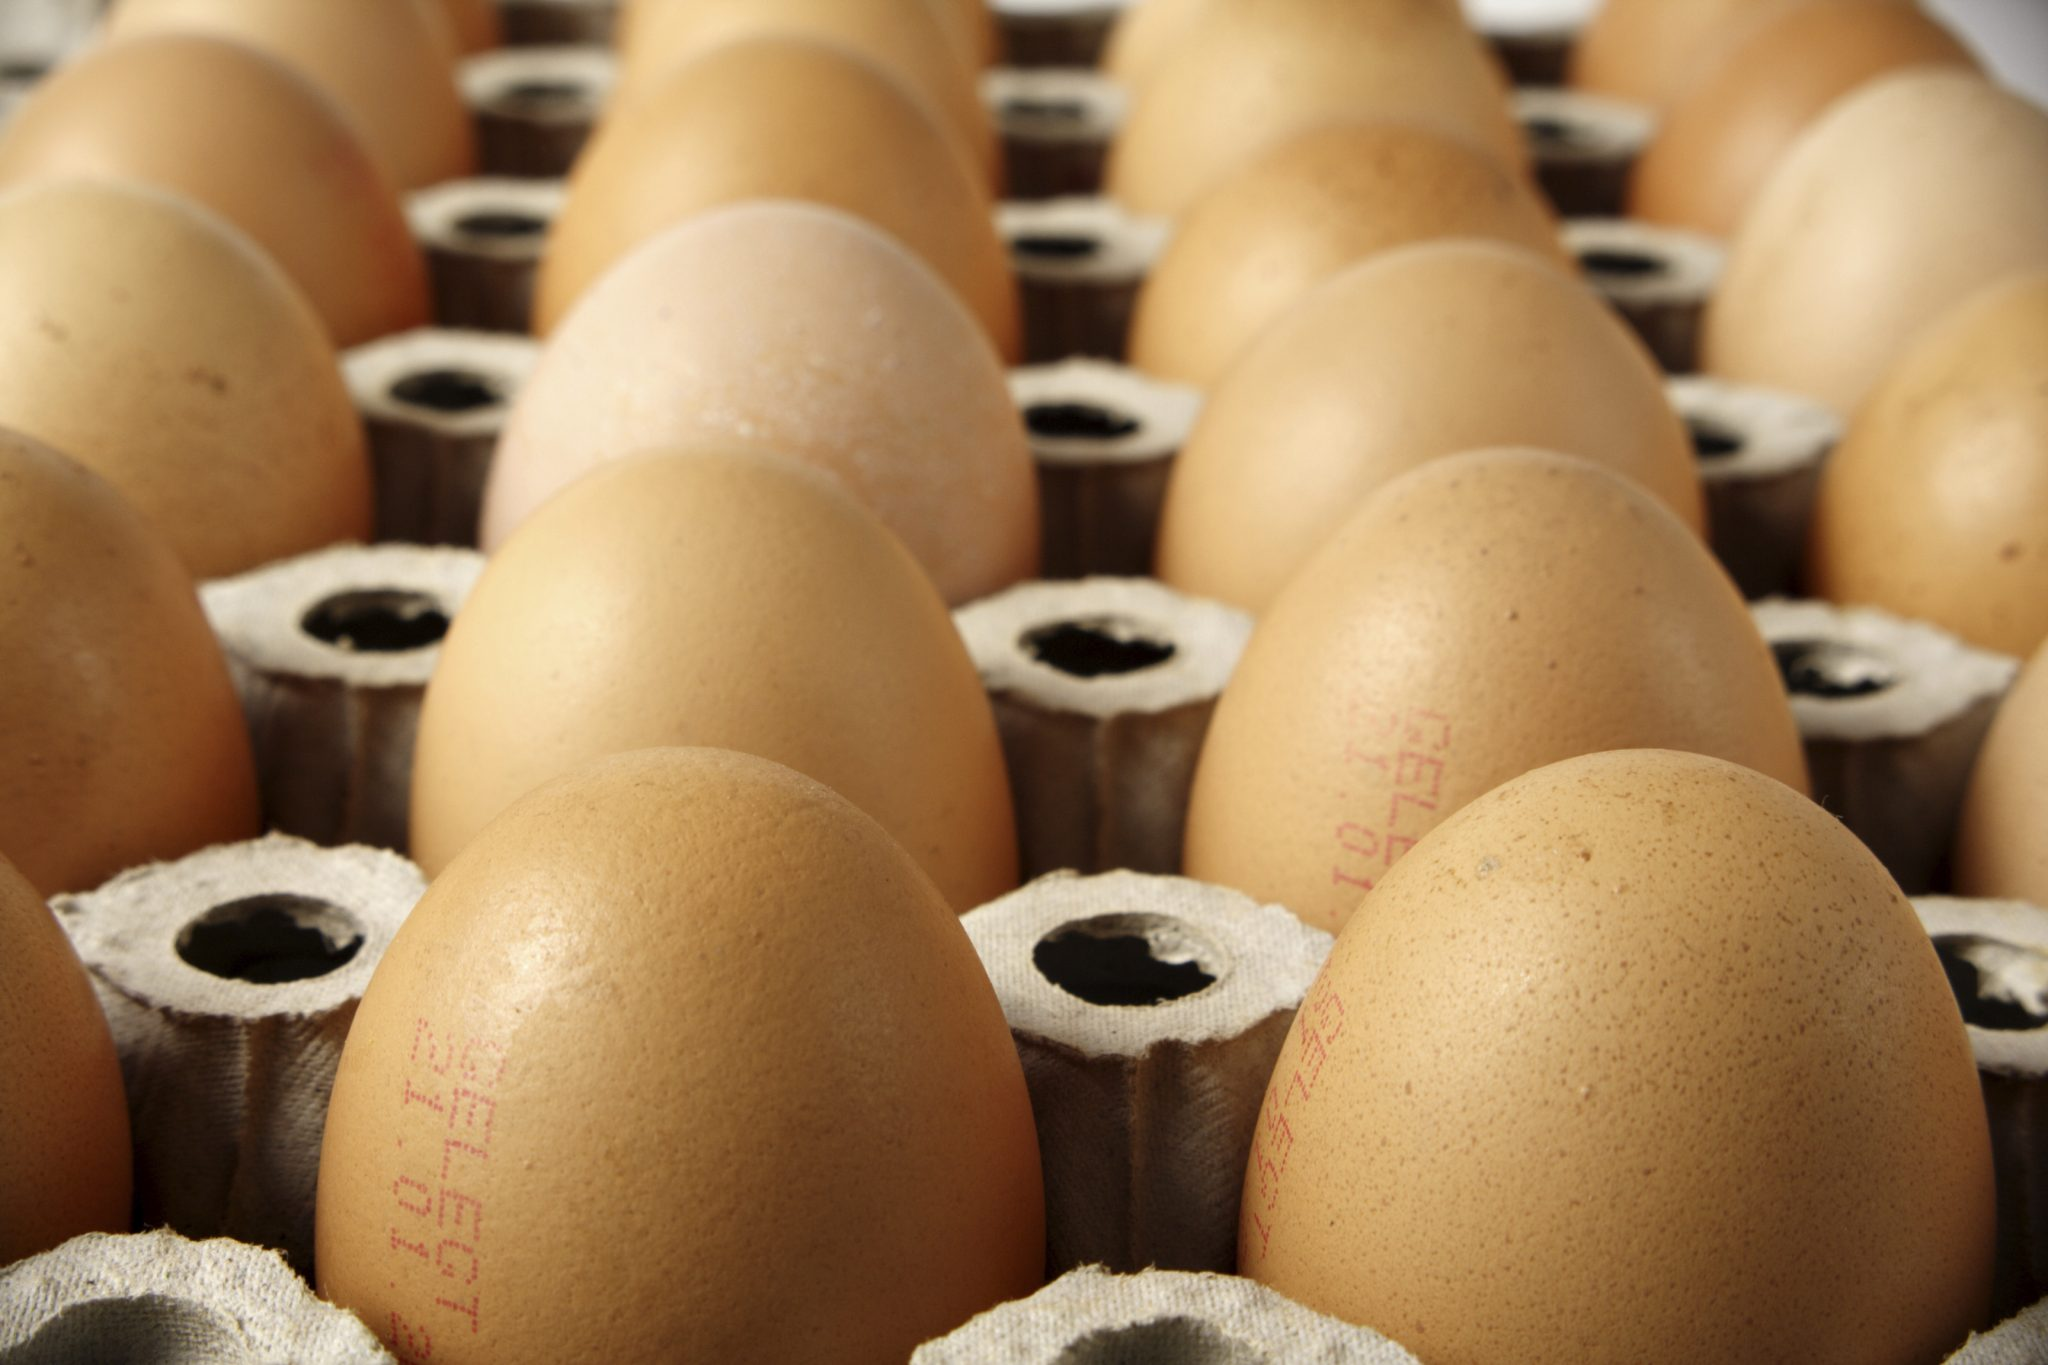 Gute Eier kann man am Code erkennen: Bio Eier haben eine 0